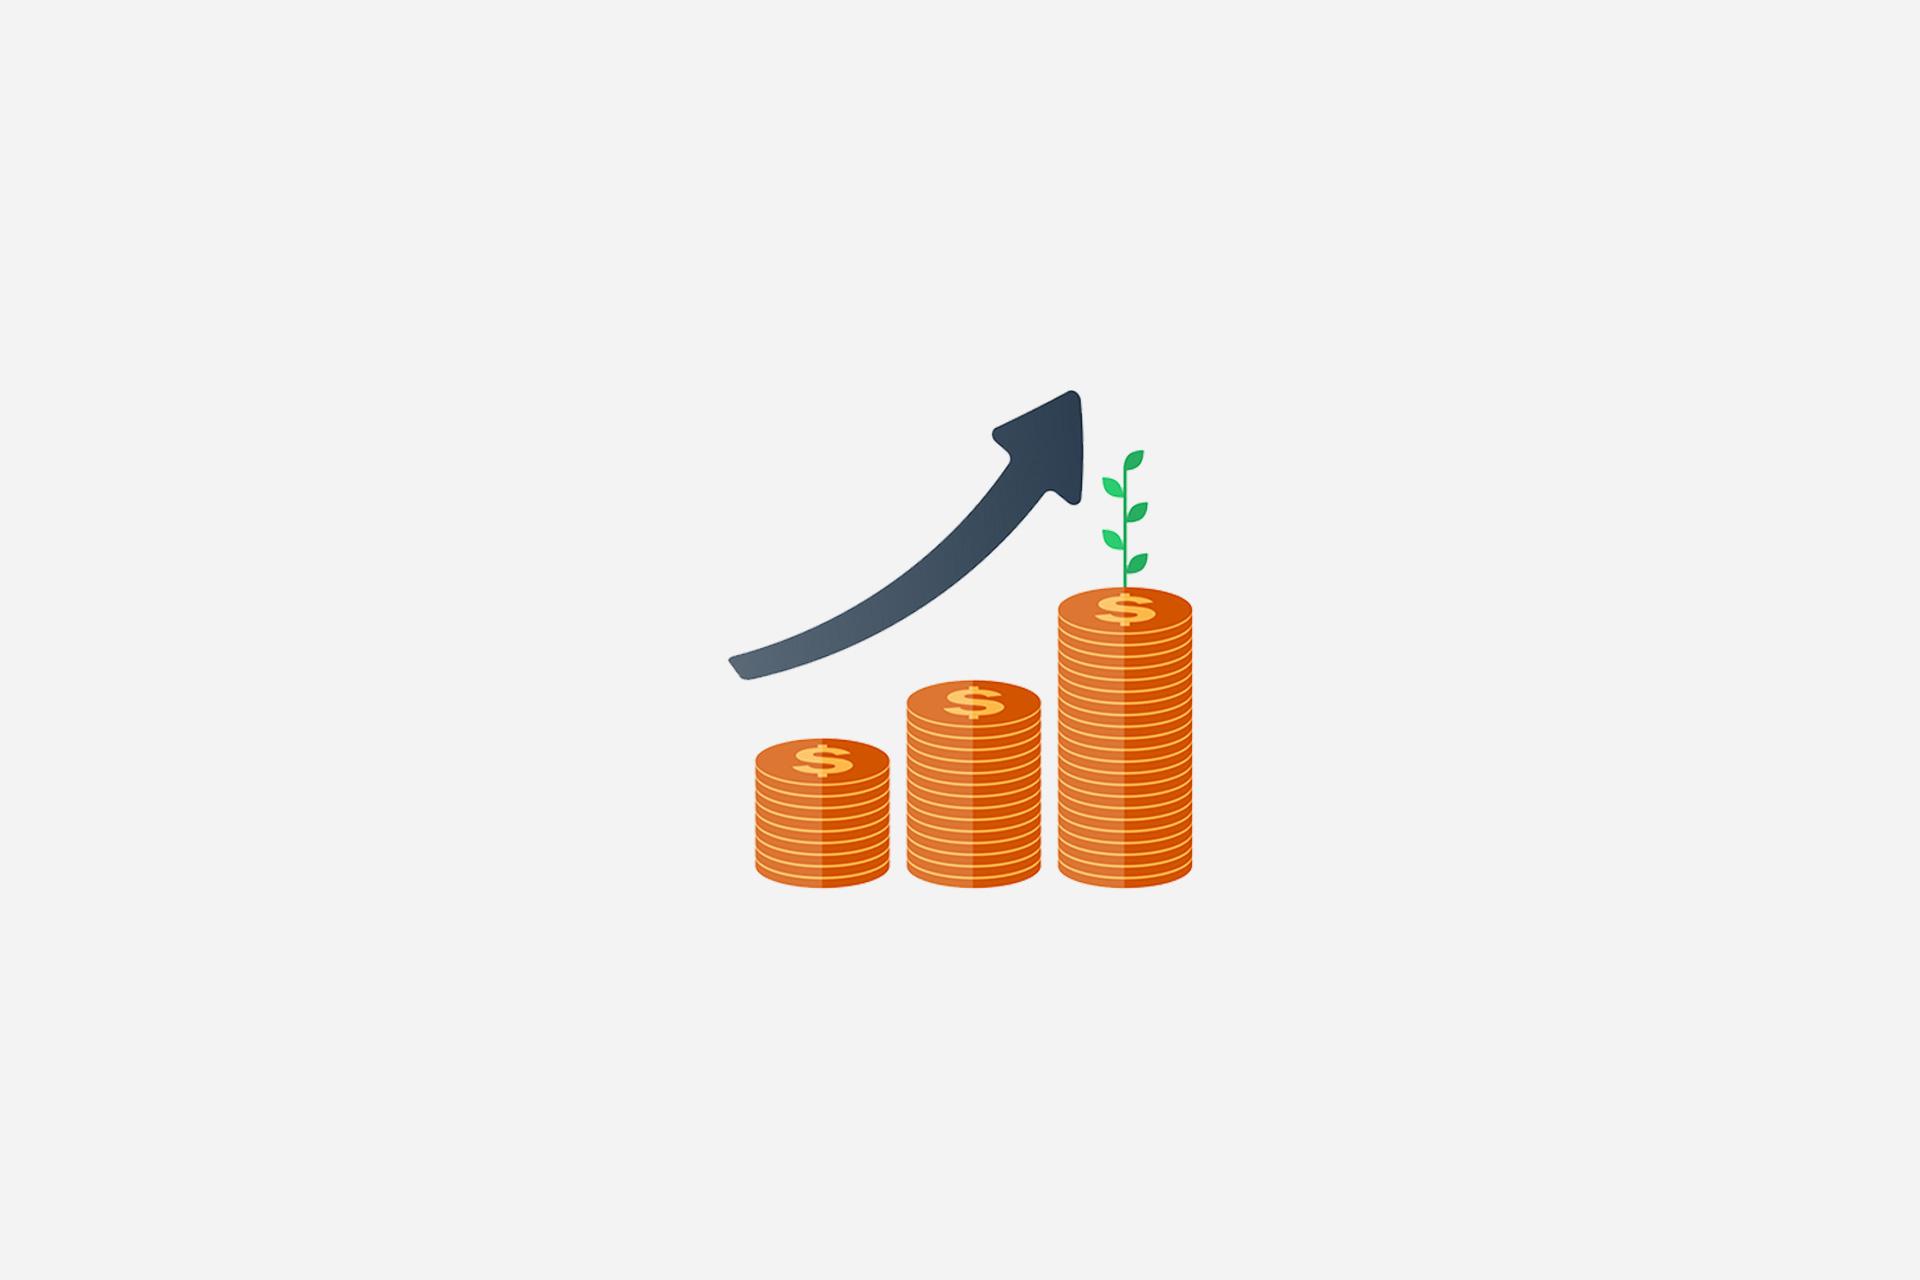 پنج قدم ساده برای رسیدن به آزادی مالی